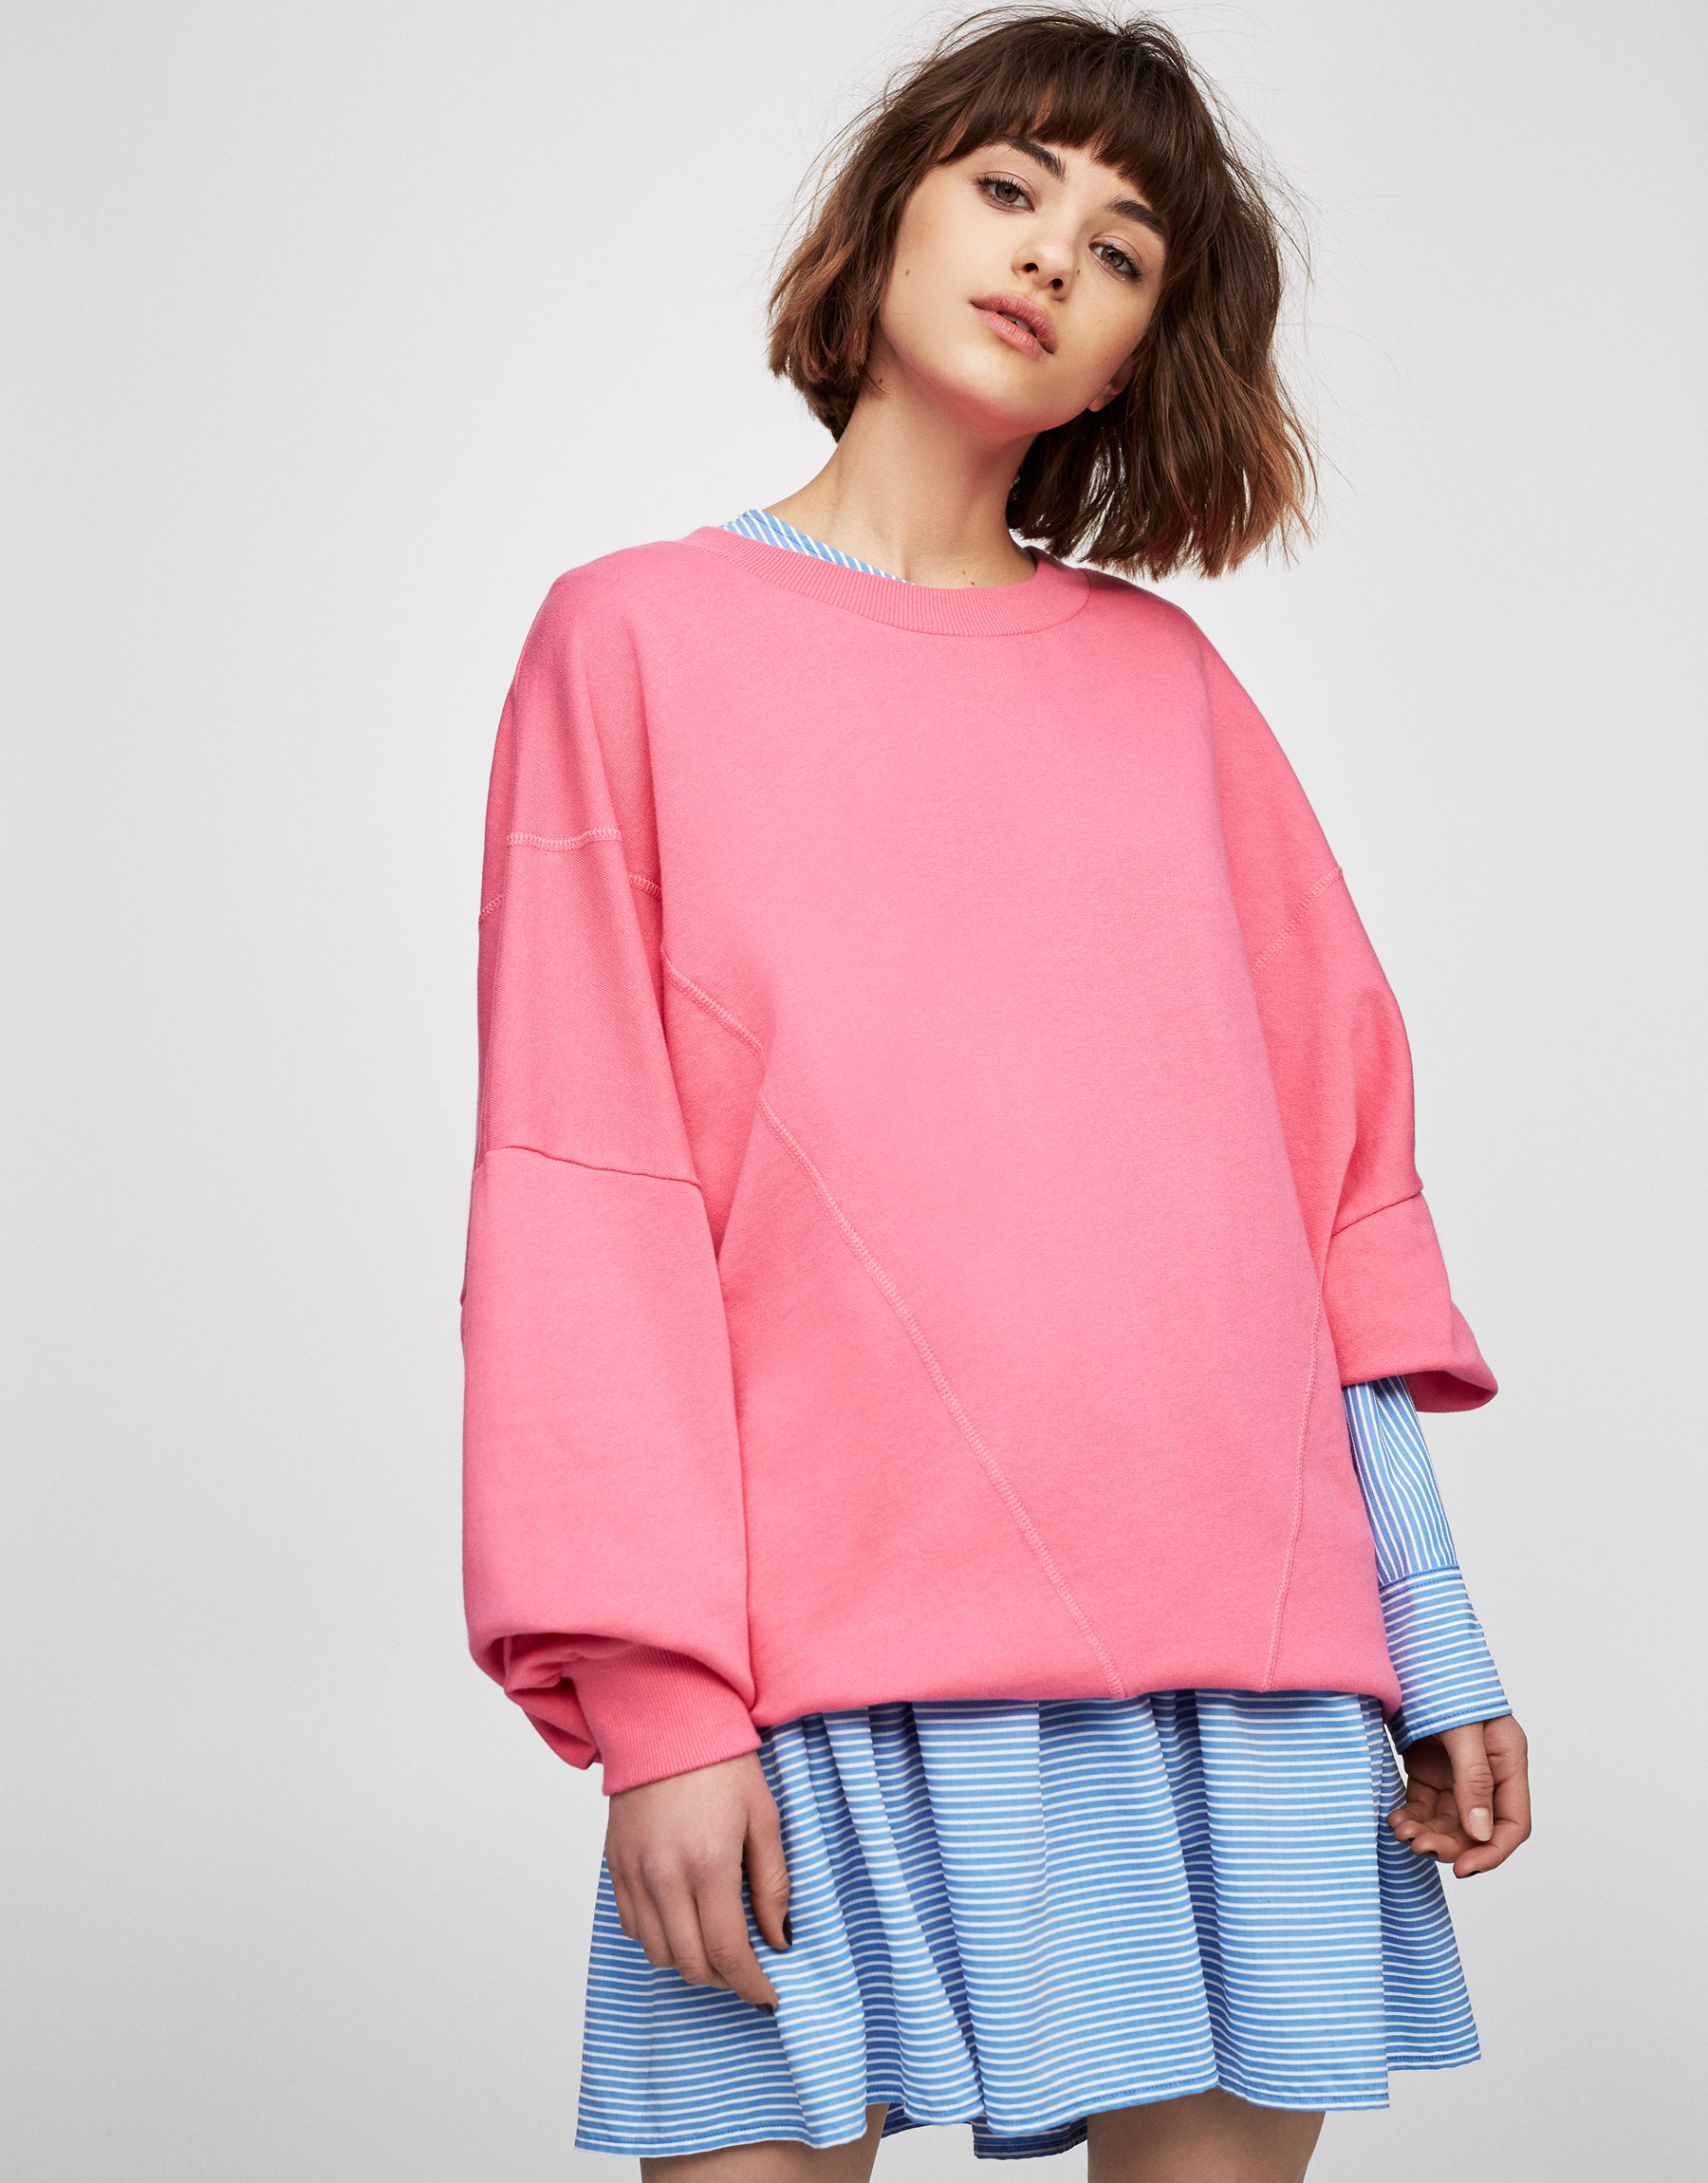 Oversize-Sweatshirt mit Rundausschnitt und Rissen